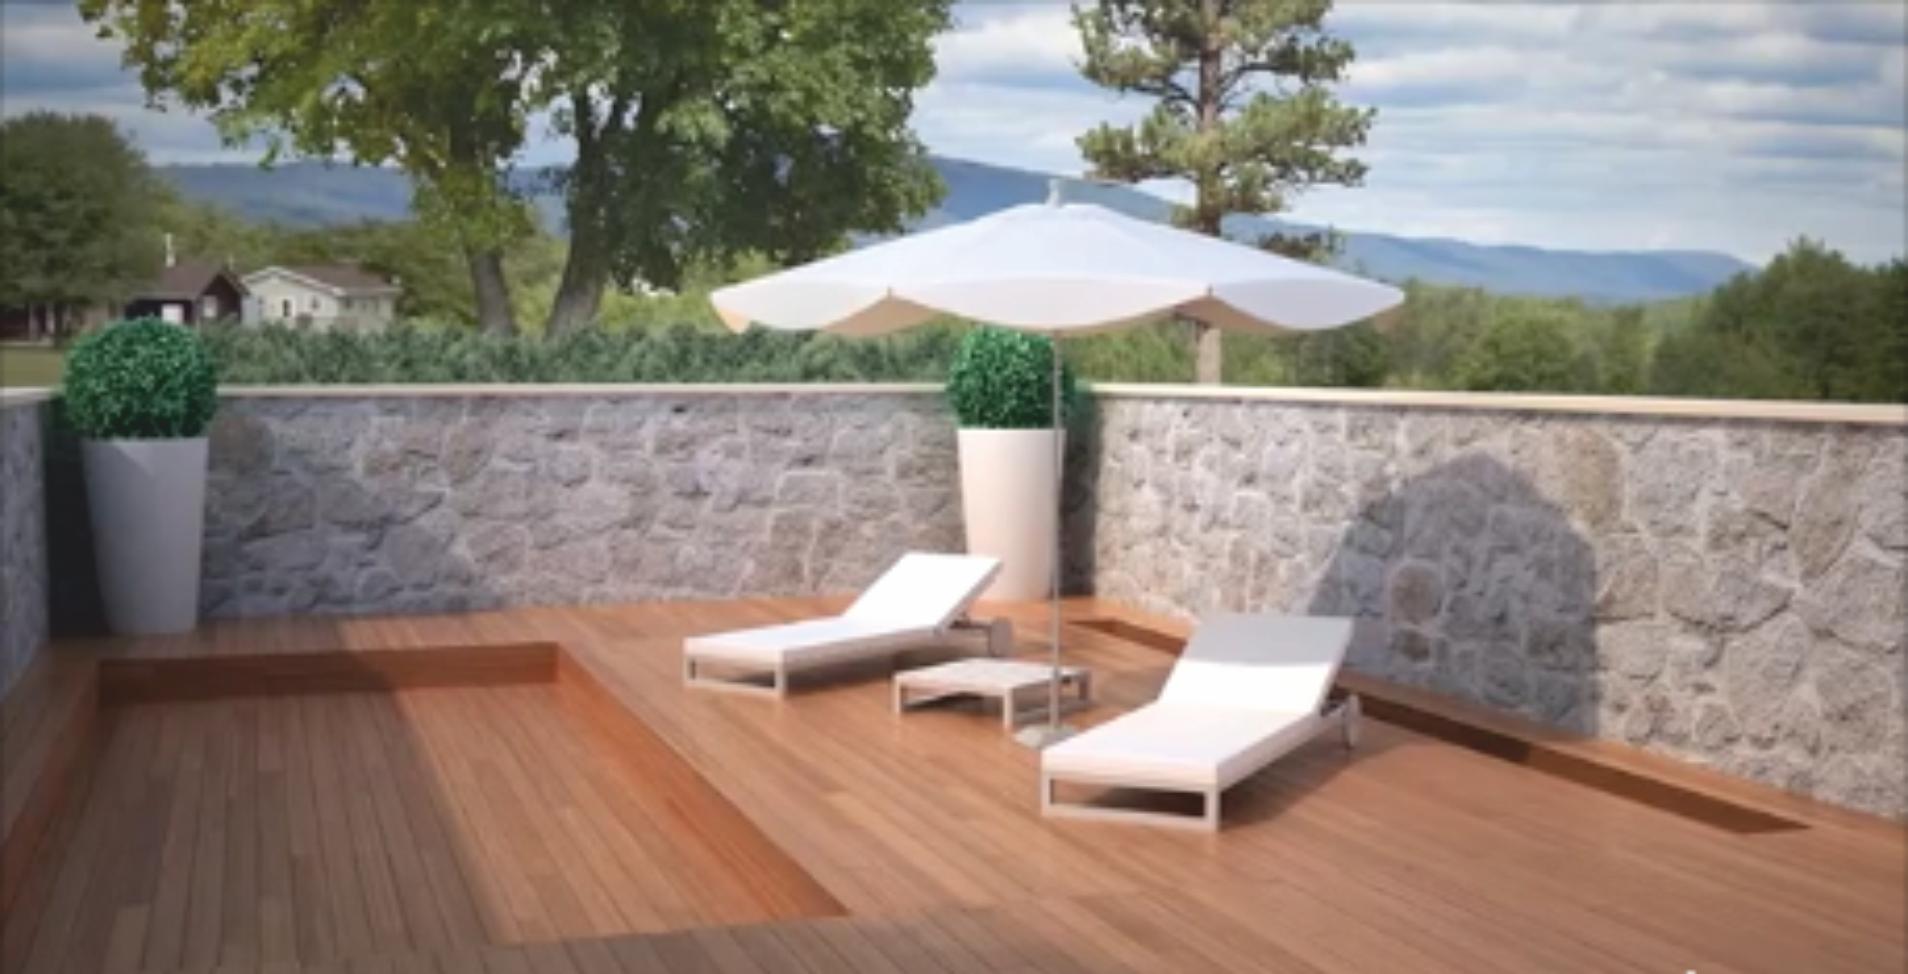 Piscinas para terrazas fabulous imagen bar para terraza - Piscinas para aticos ...